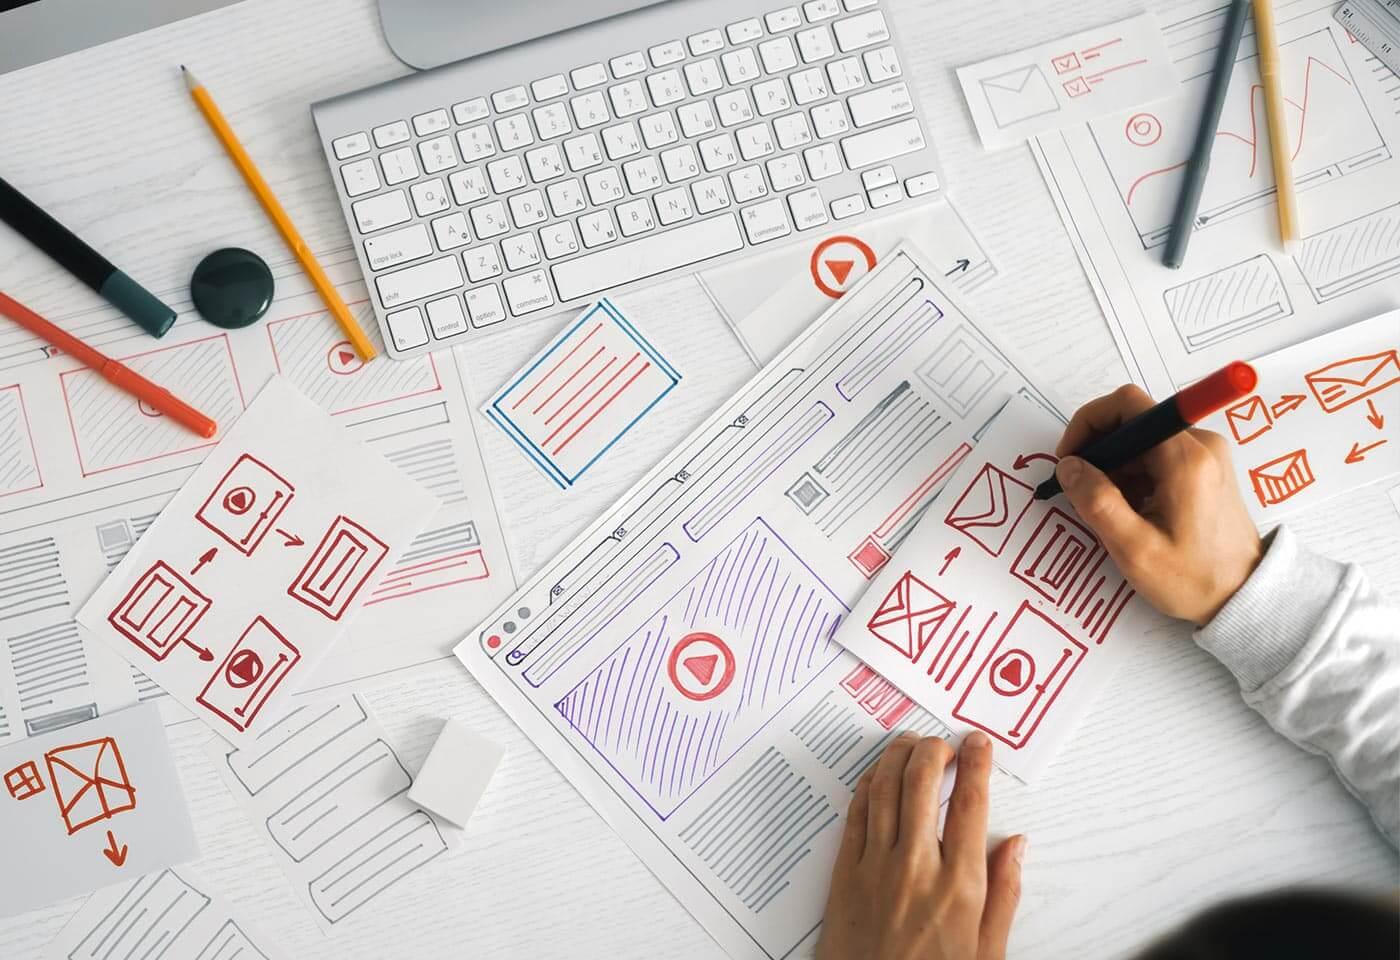 Wireframes of association websites